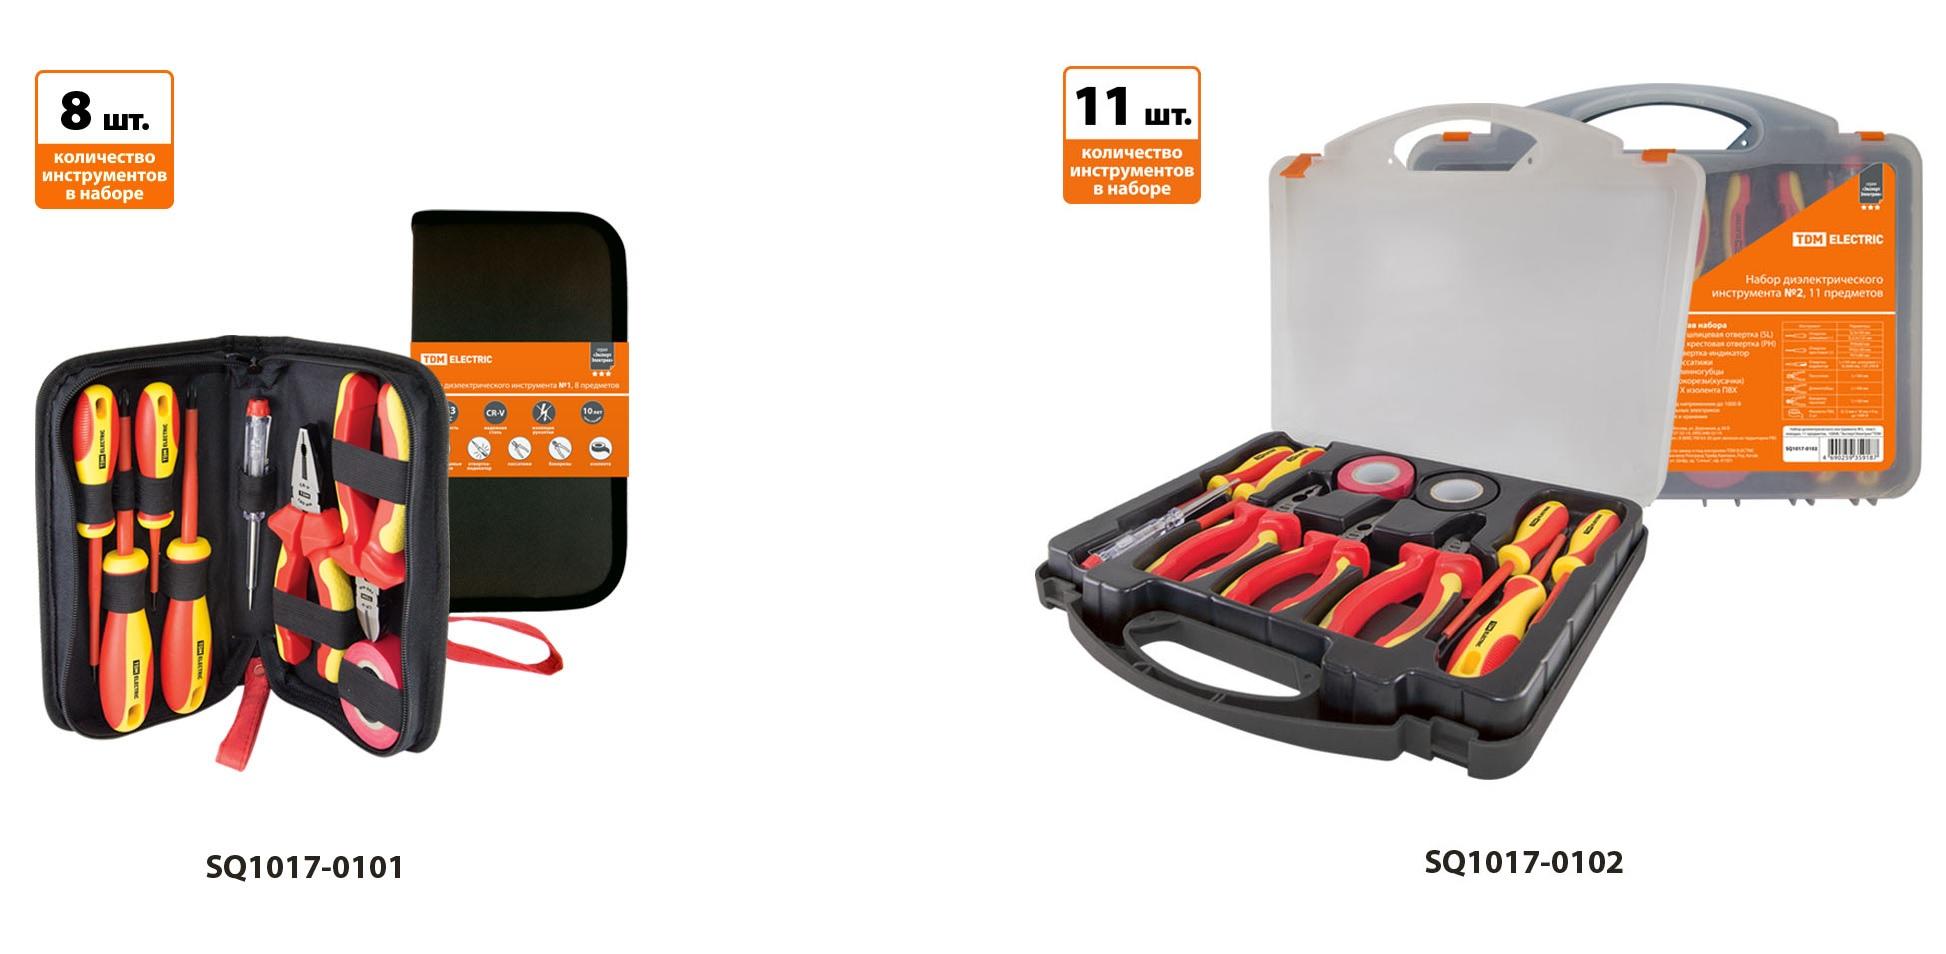 Отвертка TDM-Electric Эксперт электрик SQ1015-0003